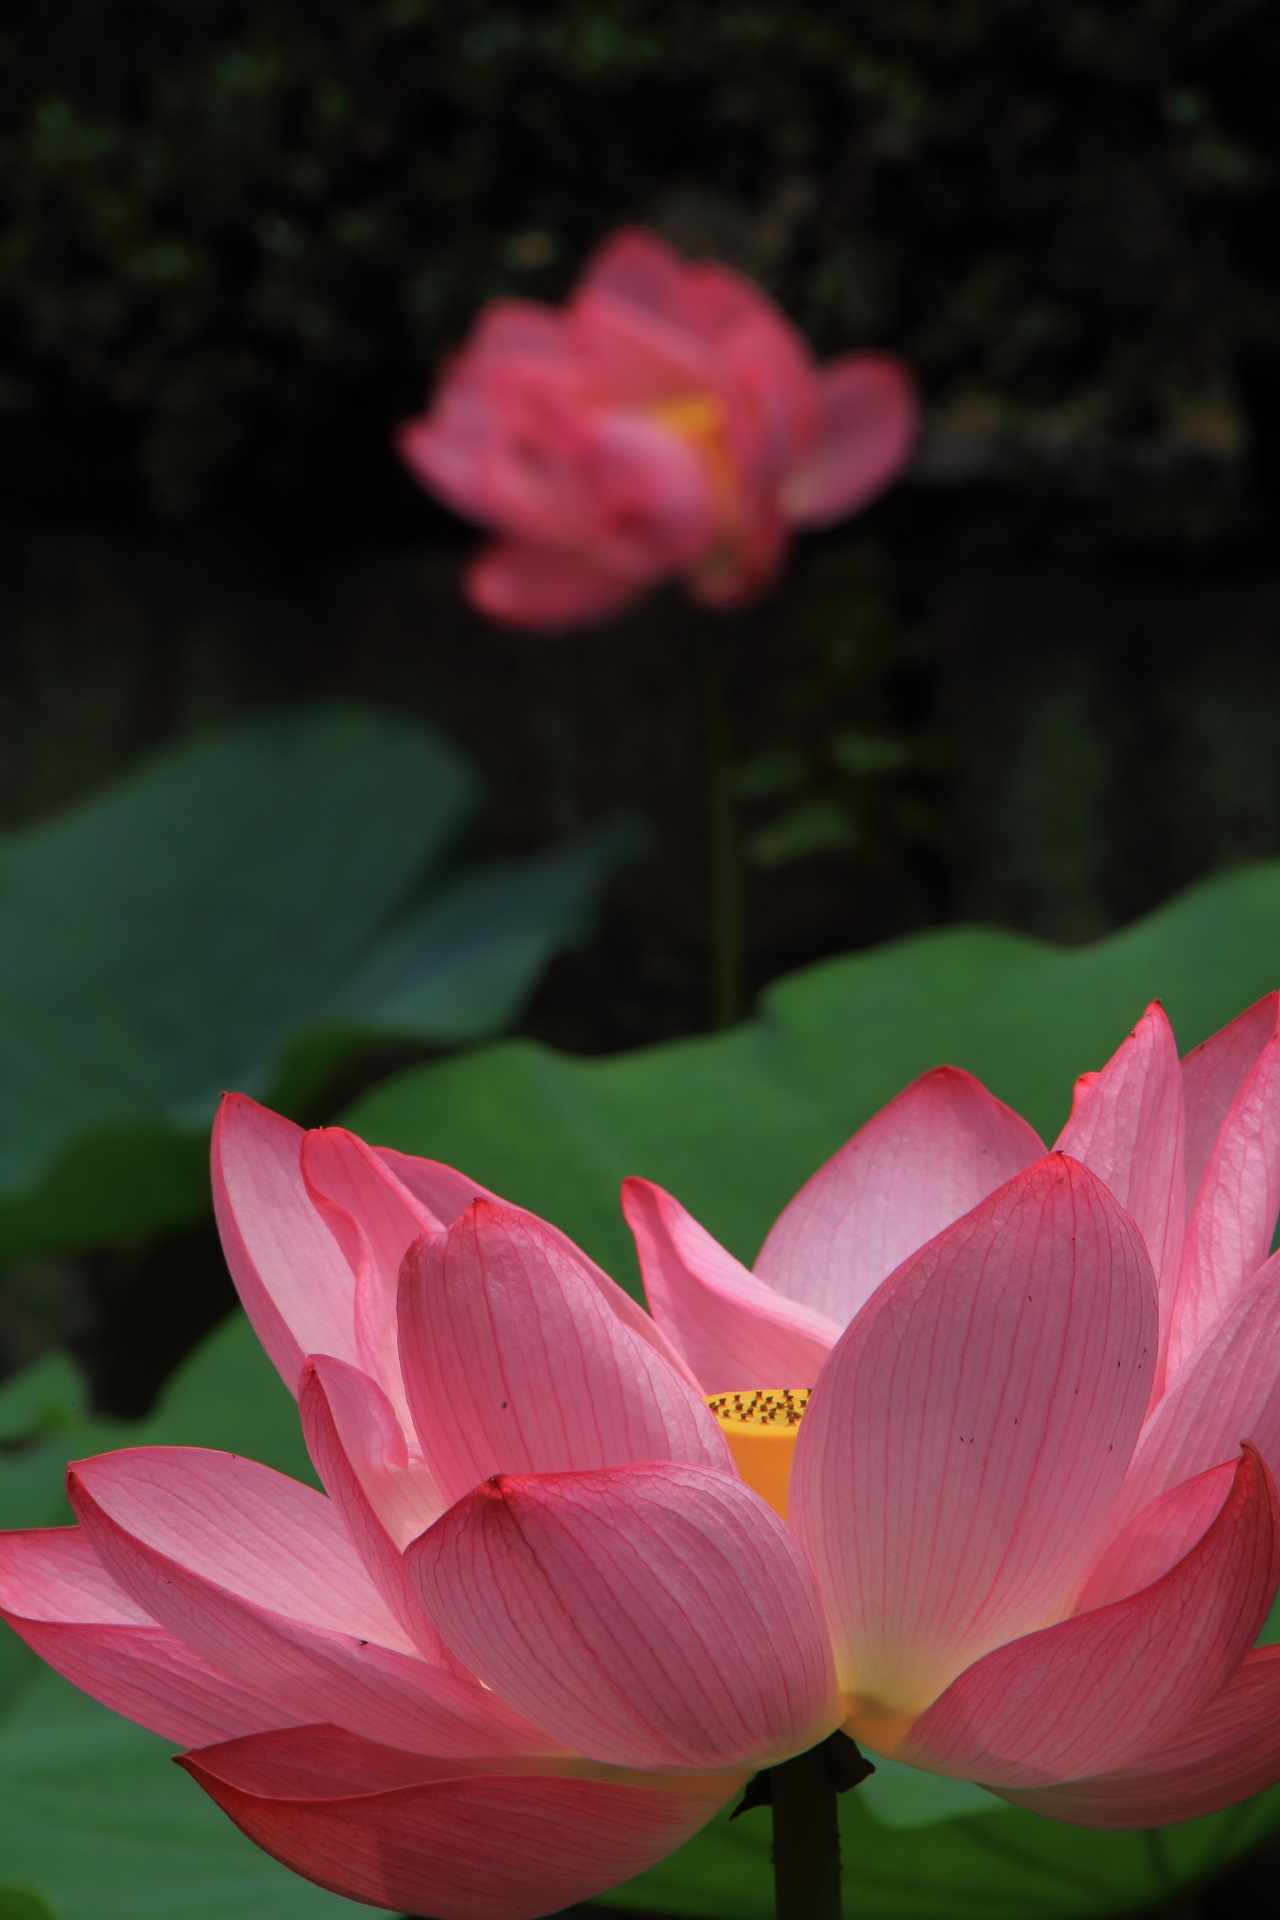 優雅に咲き誇るピンクの蓮の花